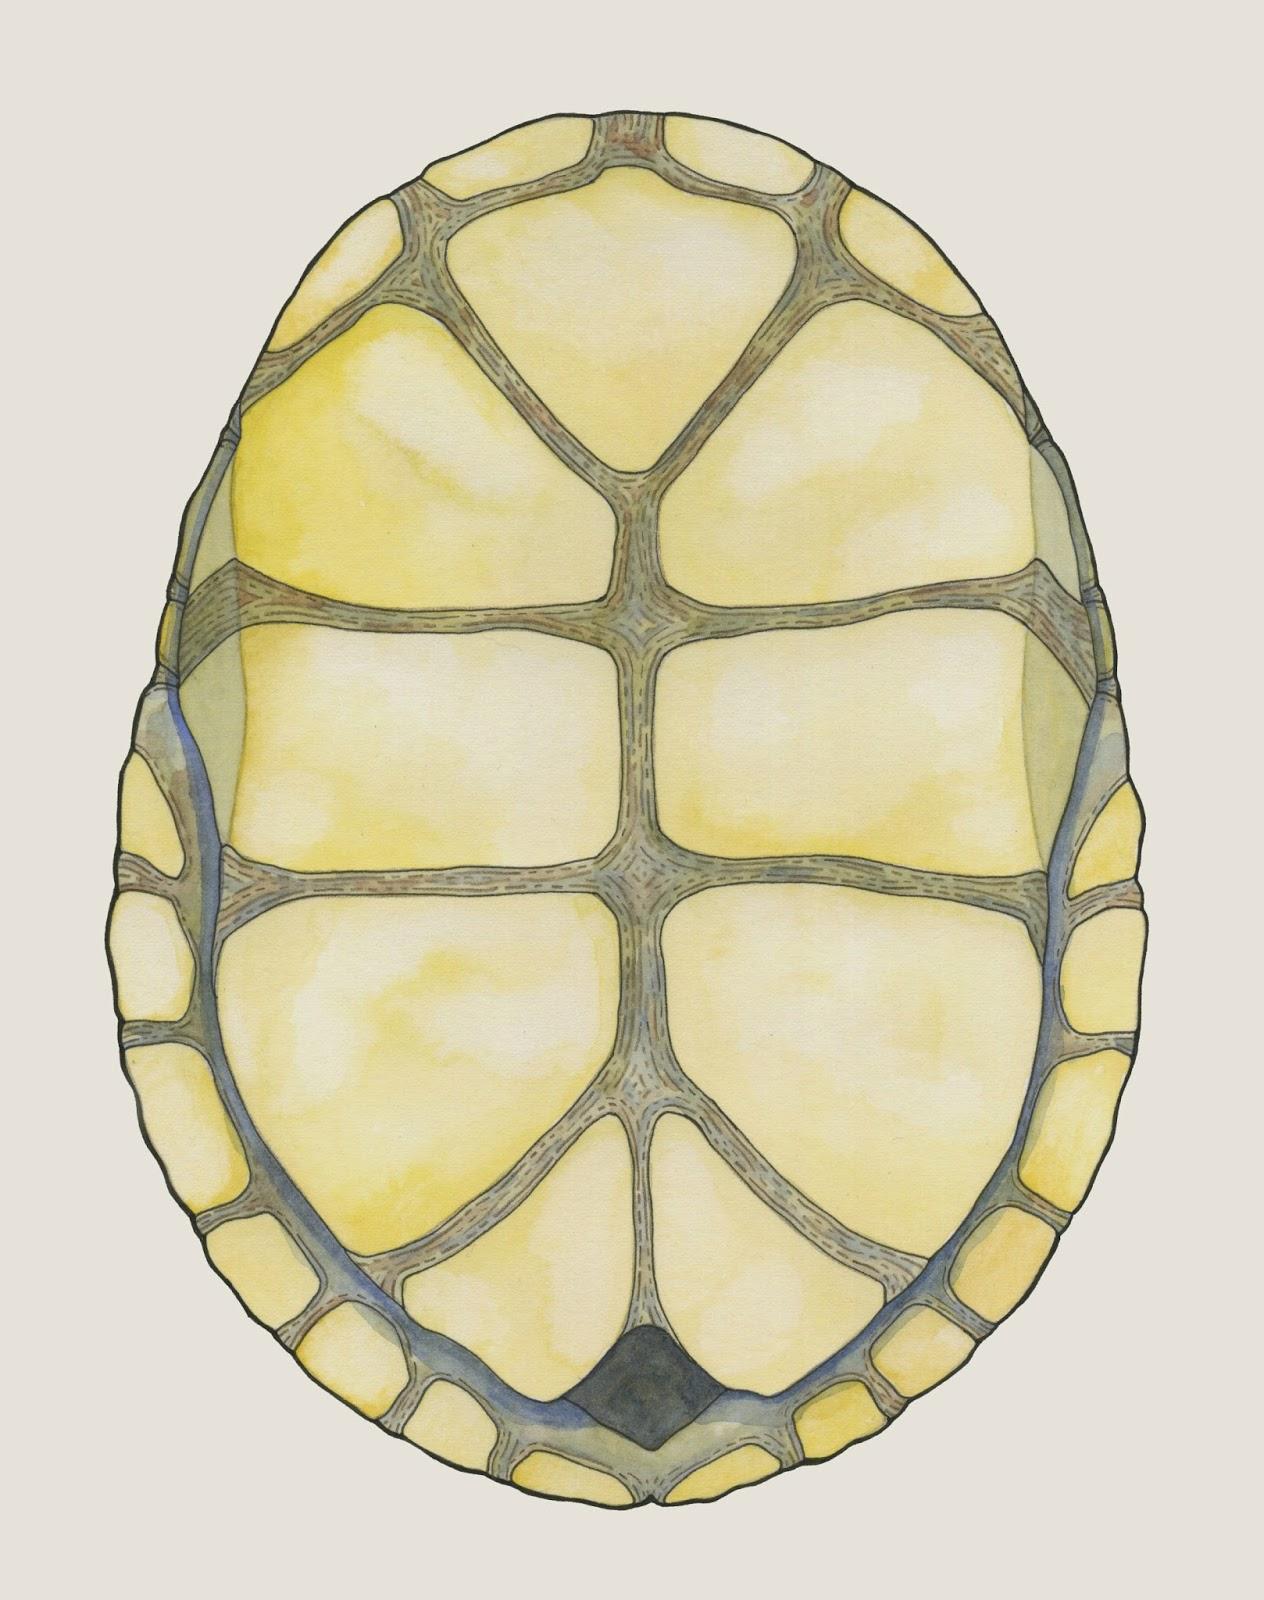 turtle shell back brace - HD1264×1600